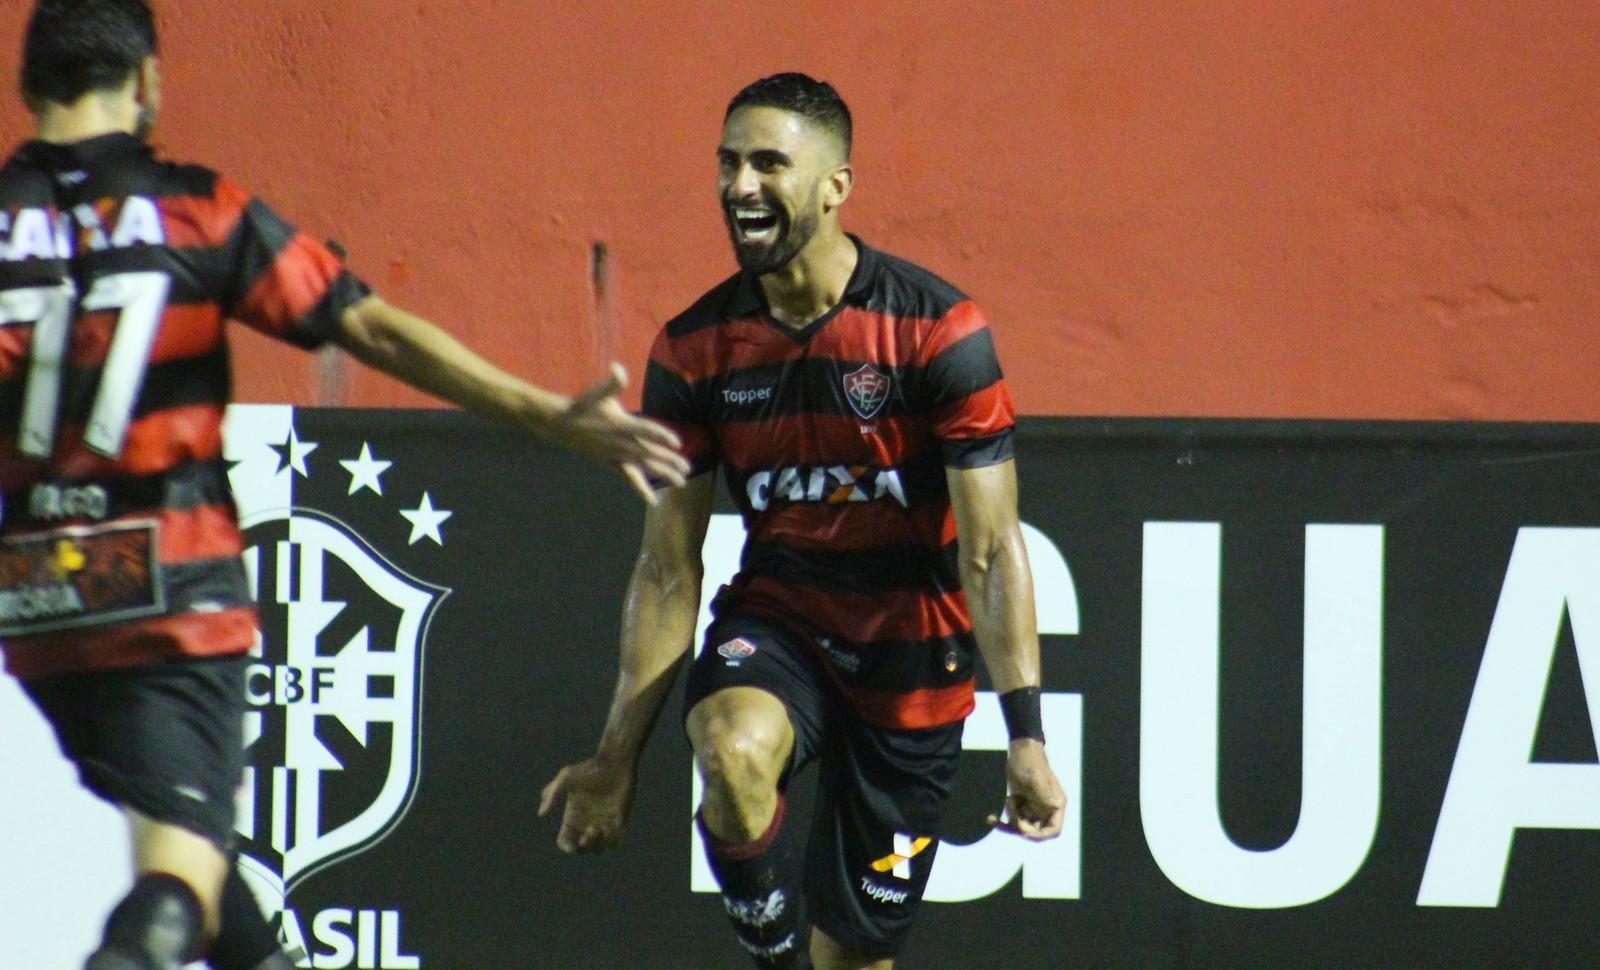 top-dos-melhores-gringos-em-atividade-no-futebol-brasileiro-trellez